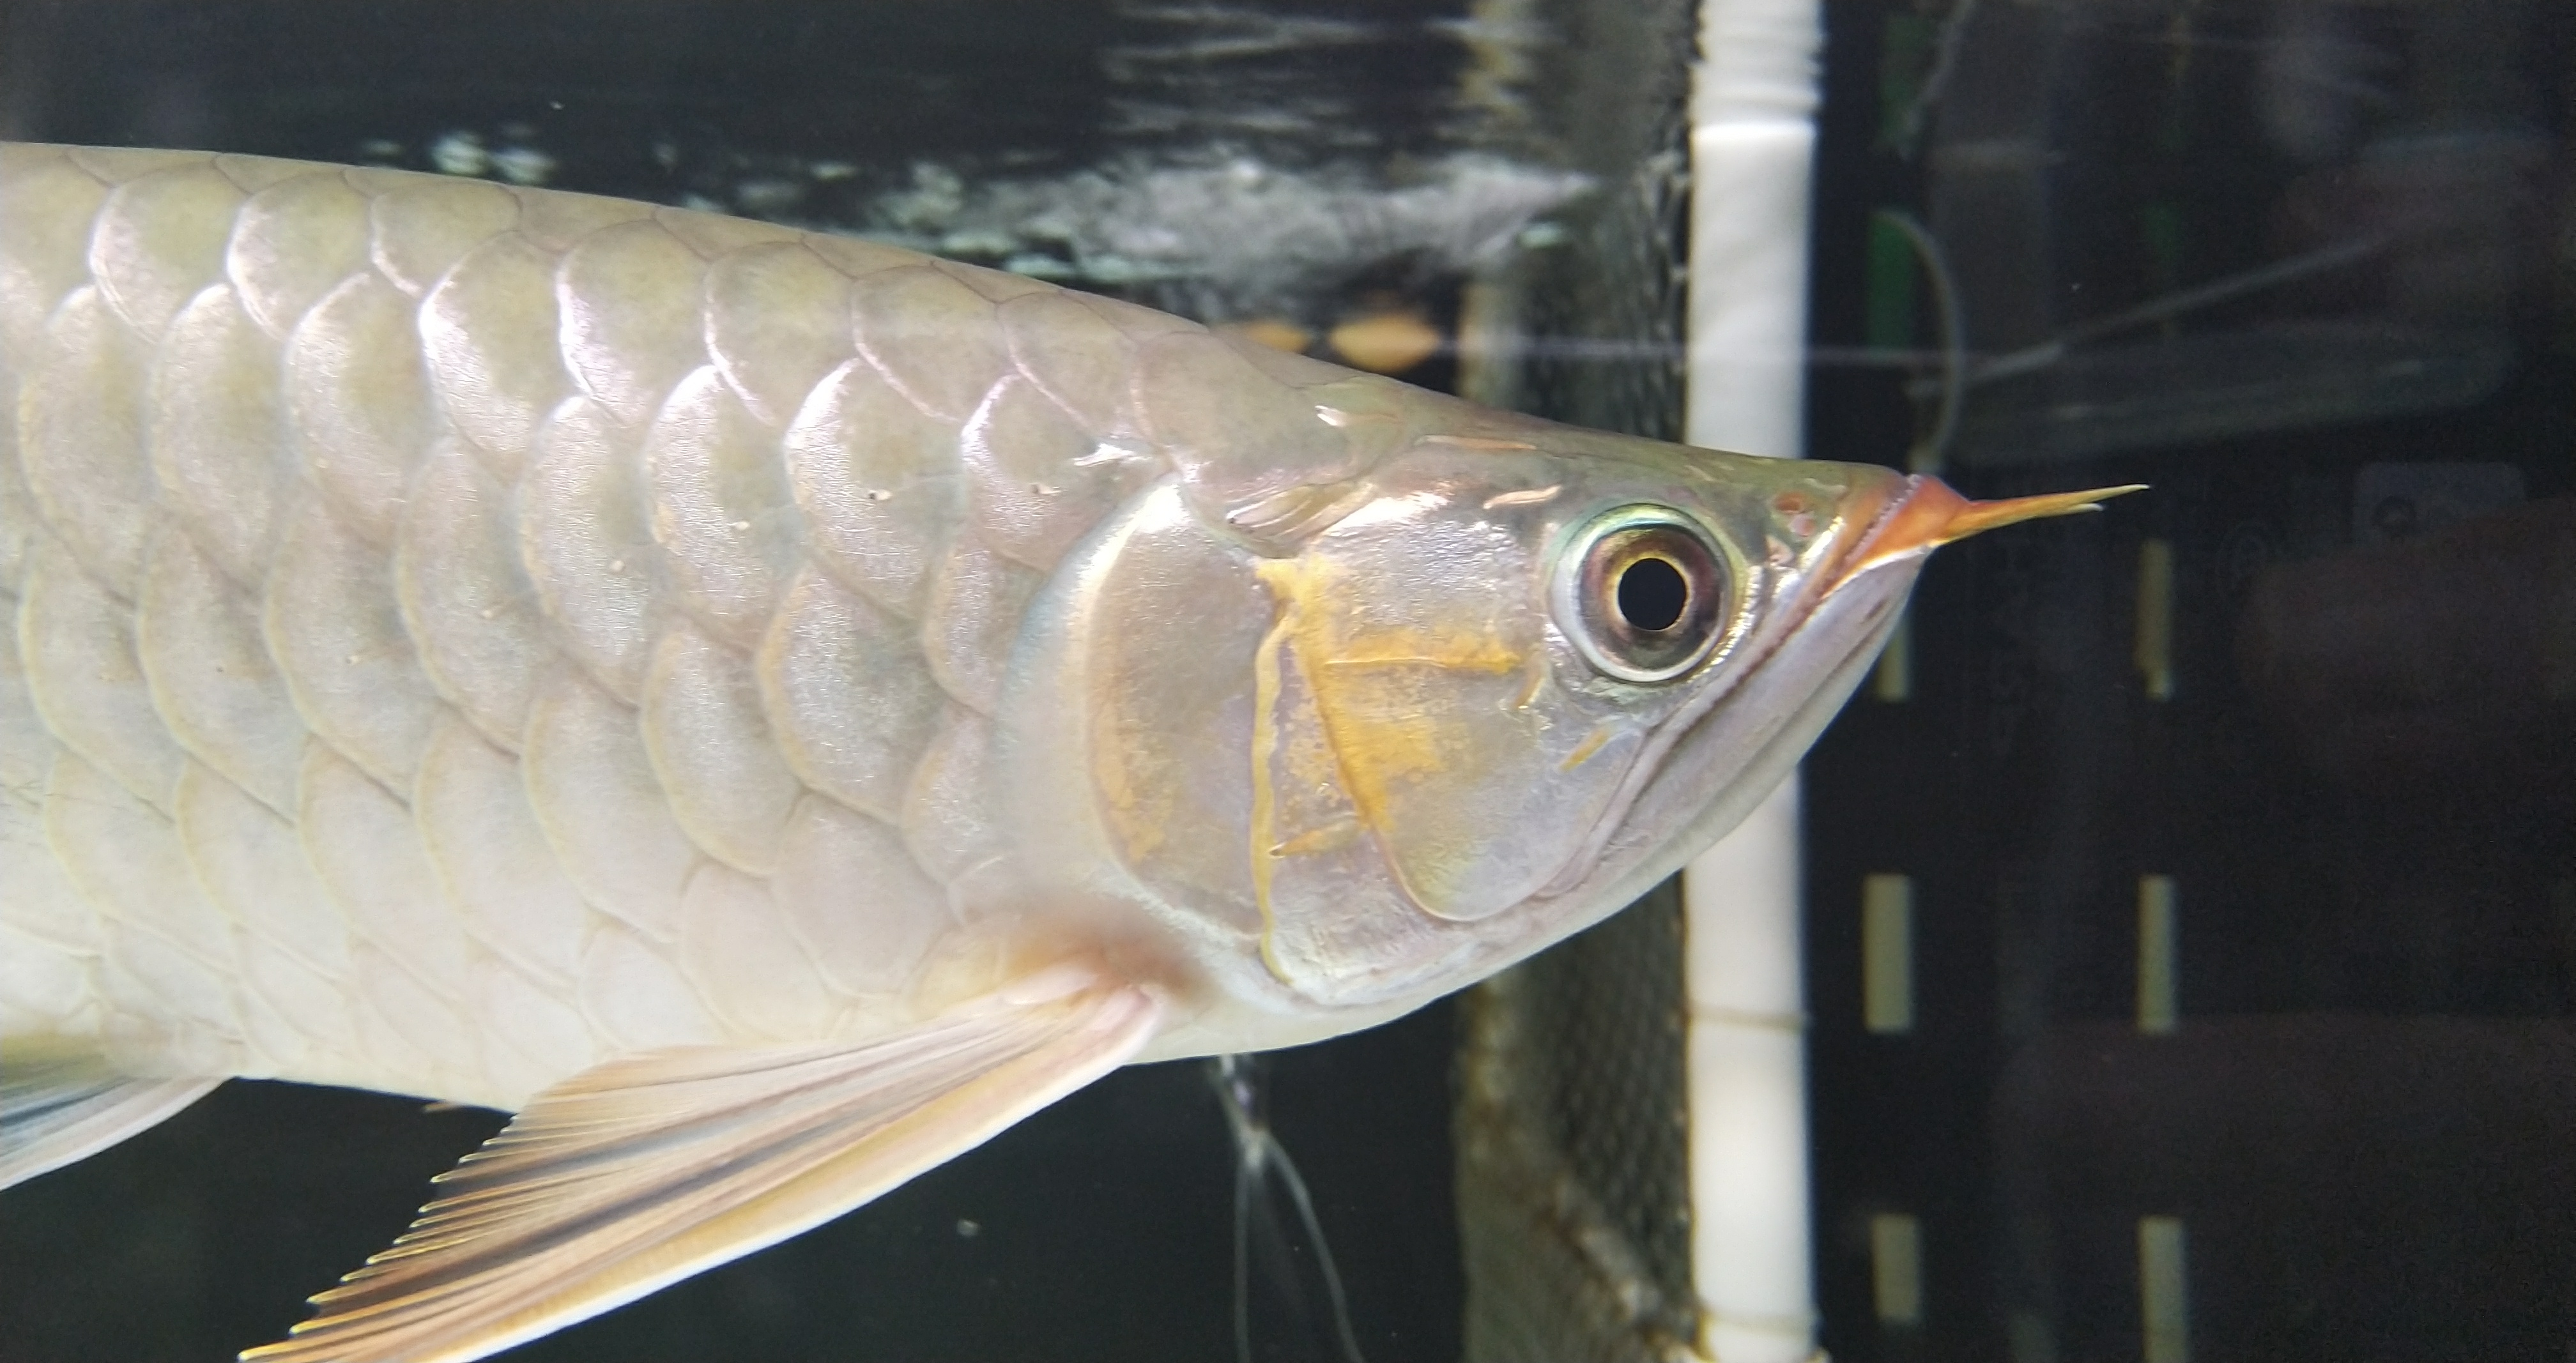 北京哪个水族店有白子黑帝王魟慢慢 北京观赏鱼 北京龙鱼第2张